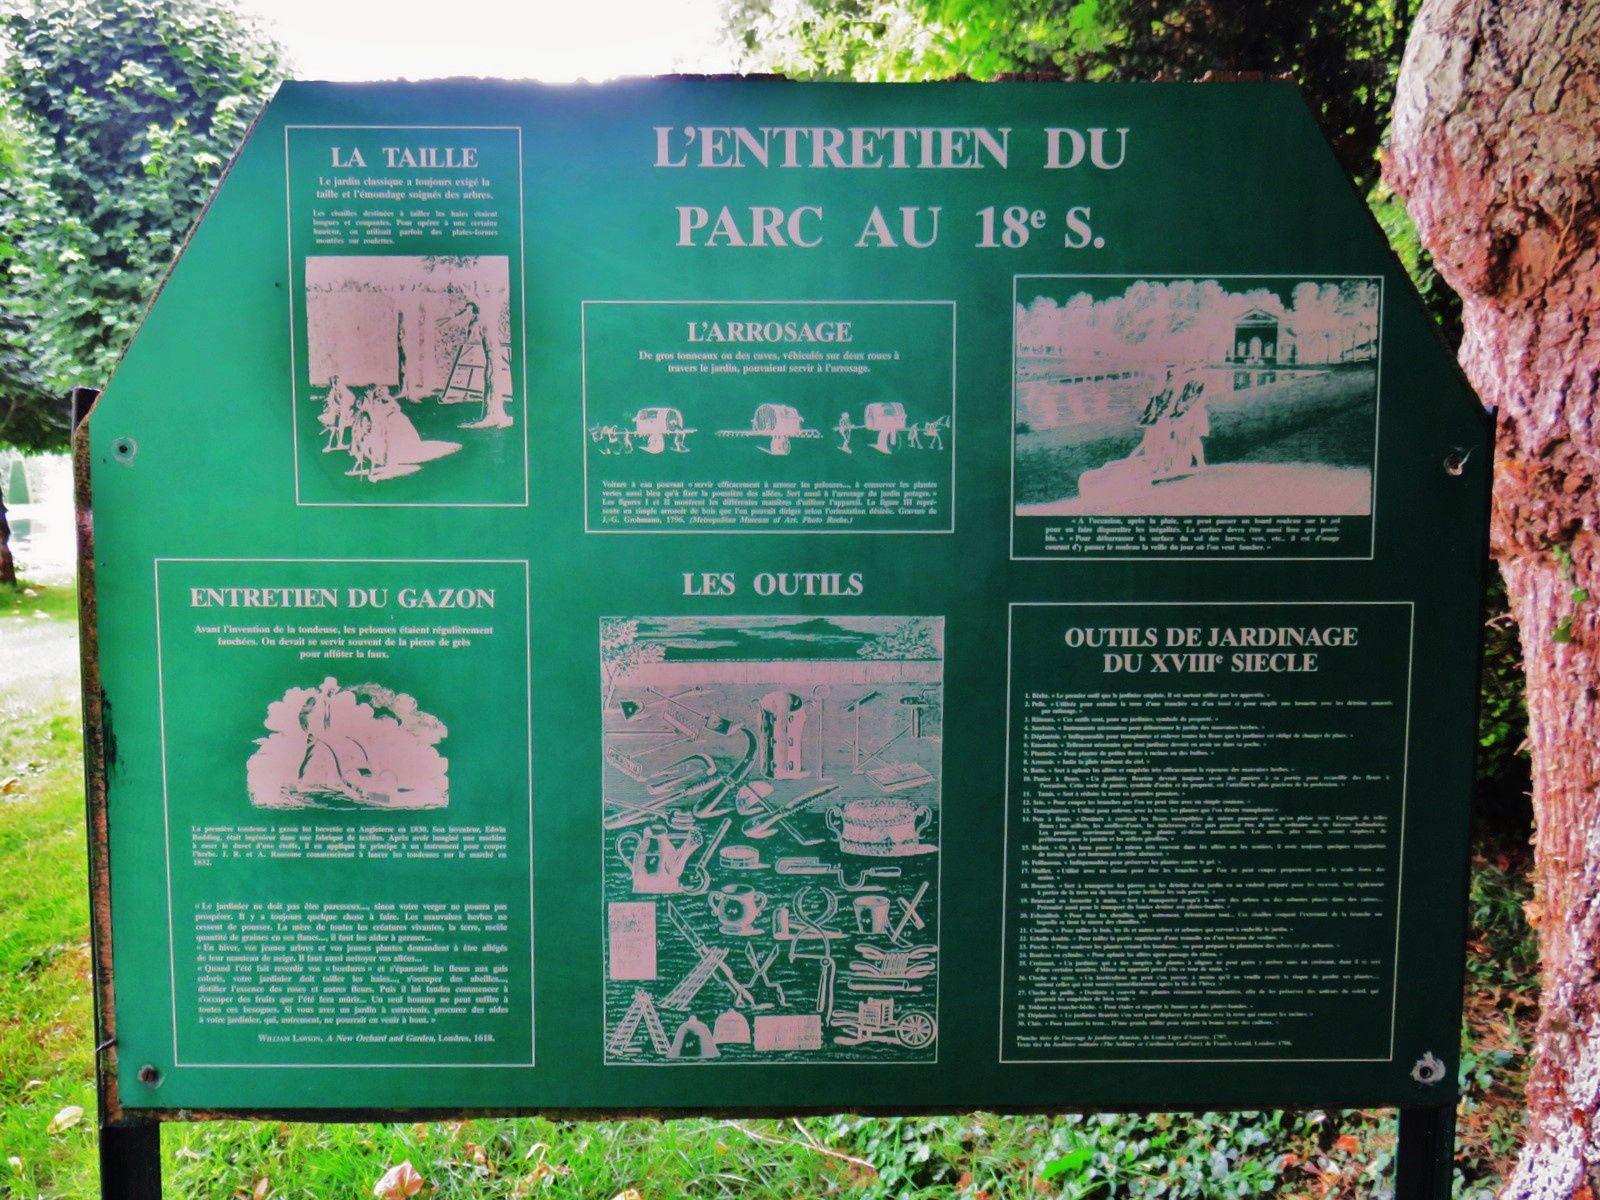 Château de Vendeuvre, entretien du gazon